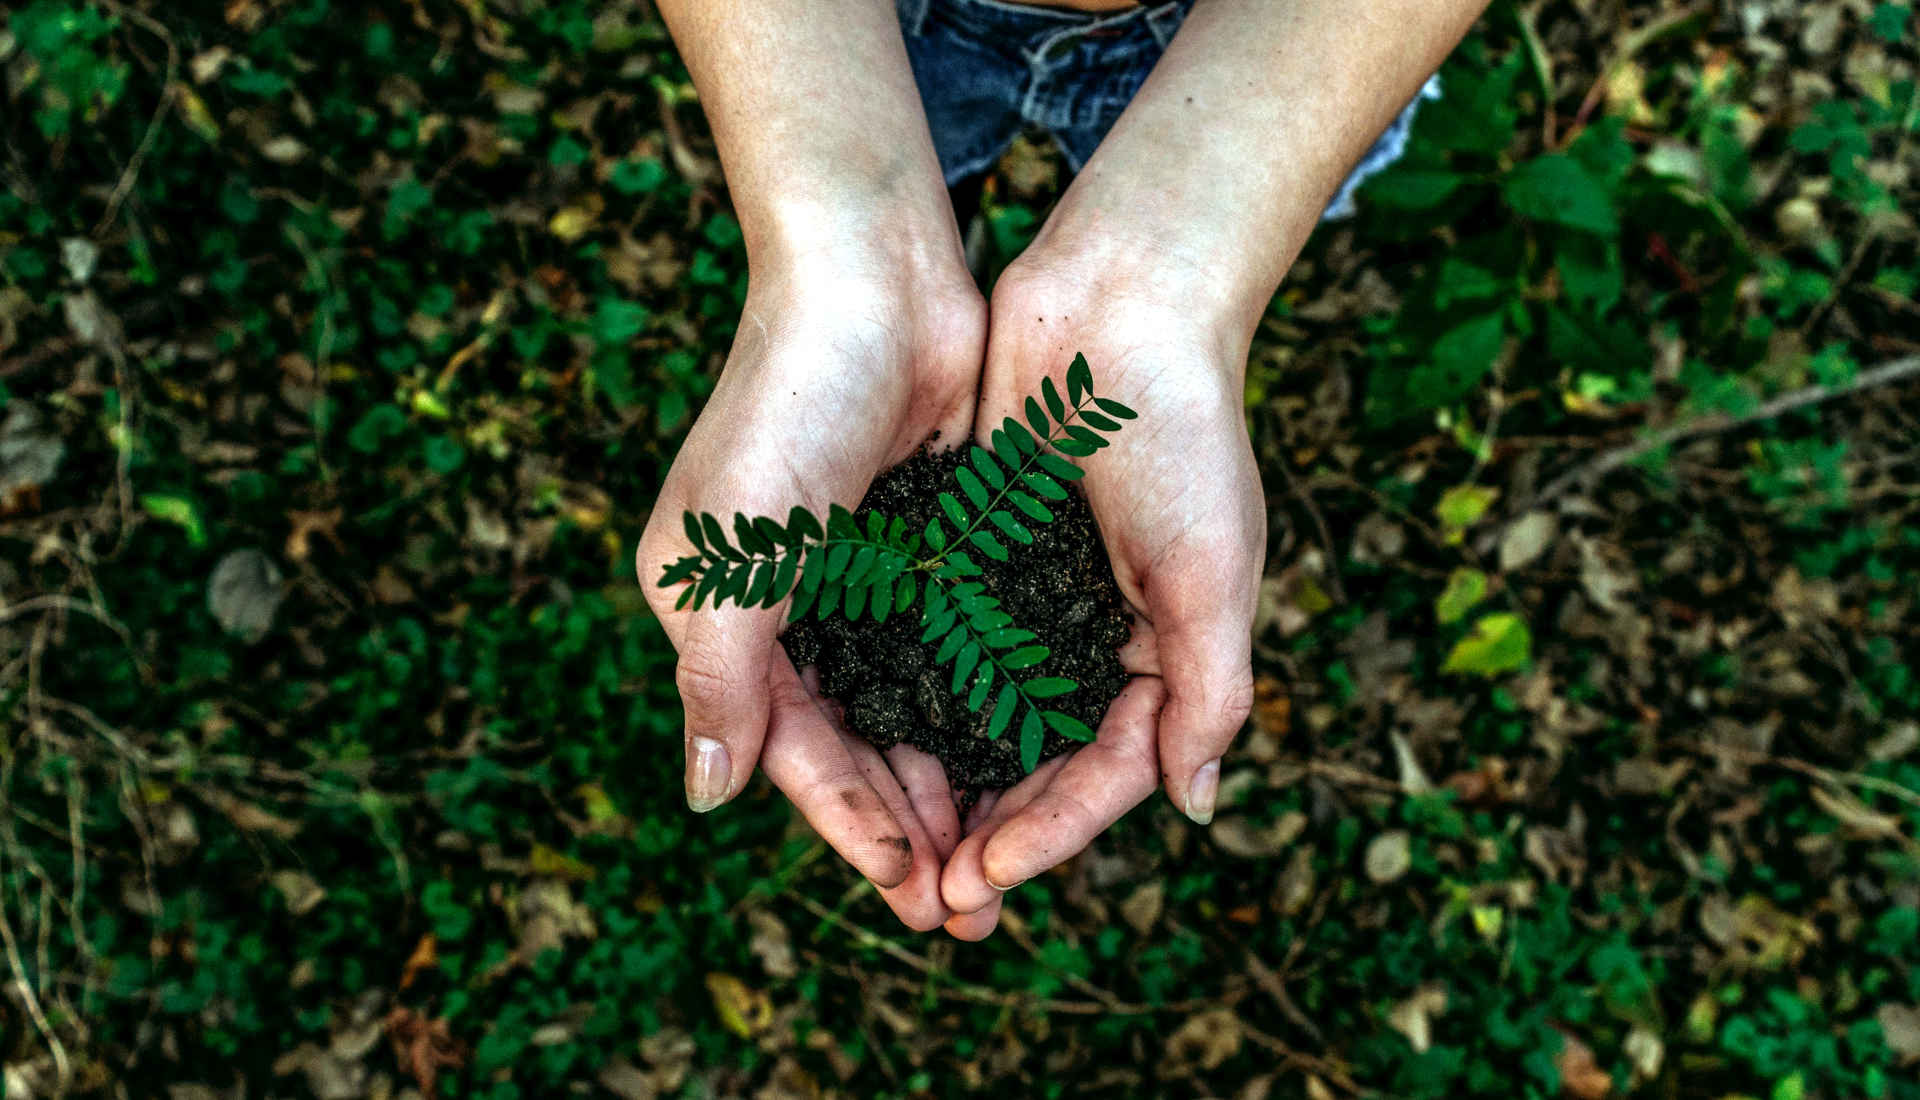 Europawahl Umweltschutz: Hand mit Pflanze